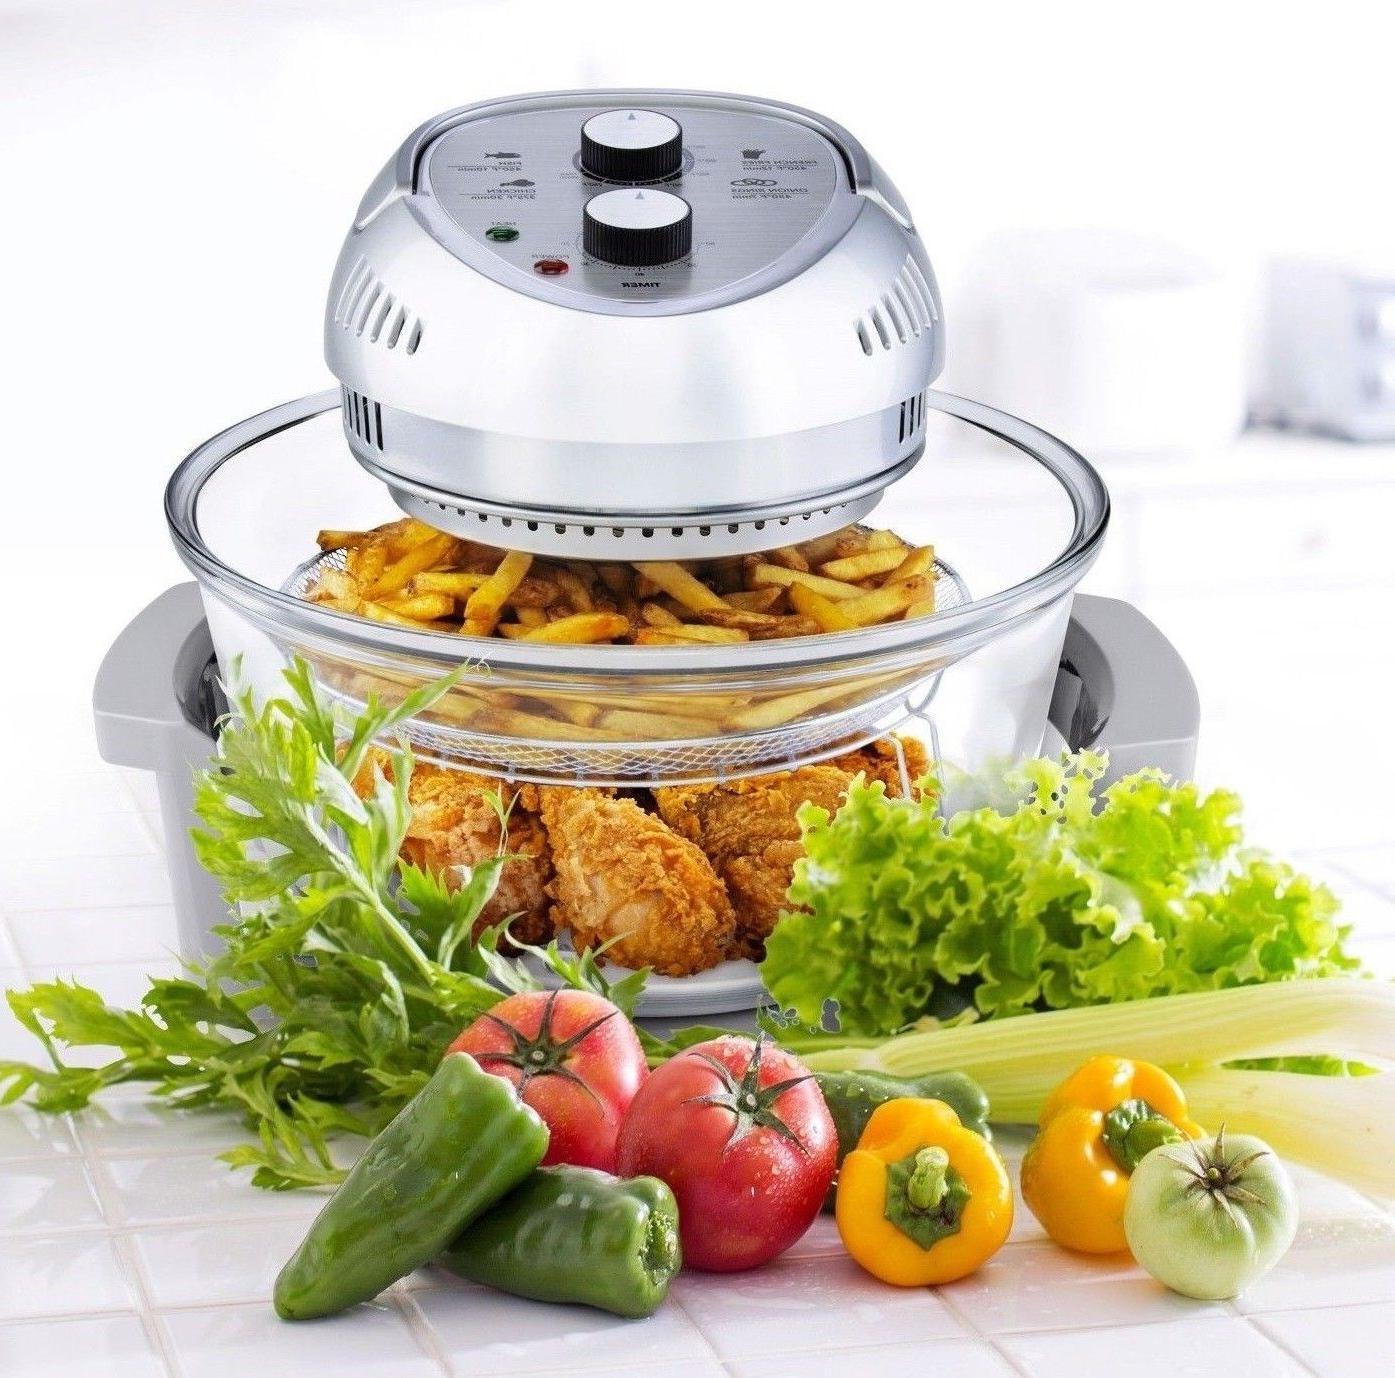 air fryer healthy 1300w xl 16 quart